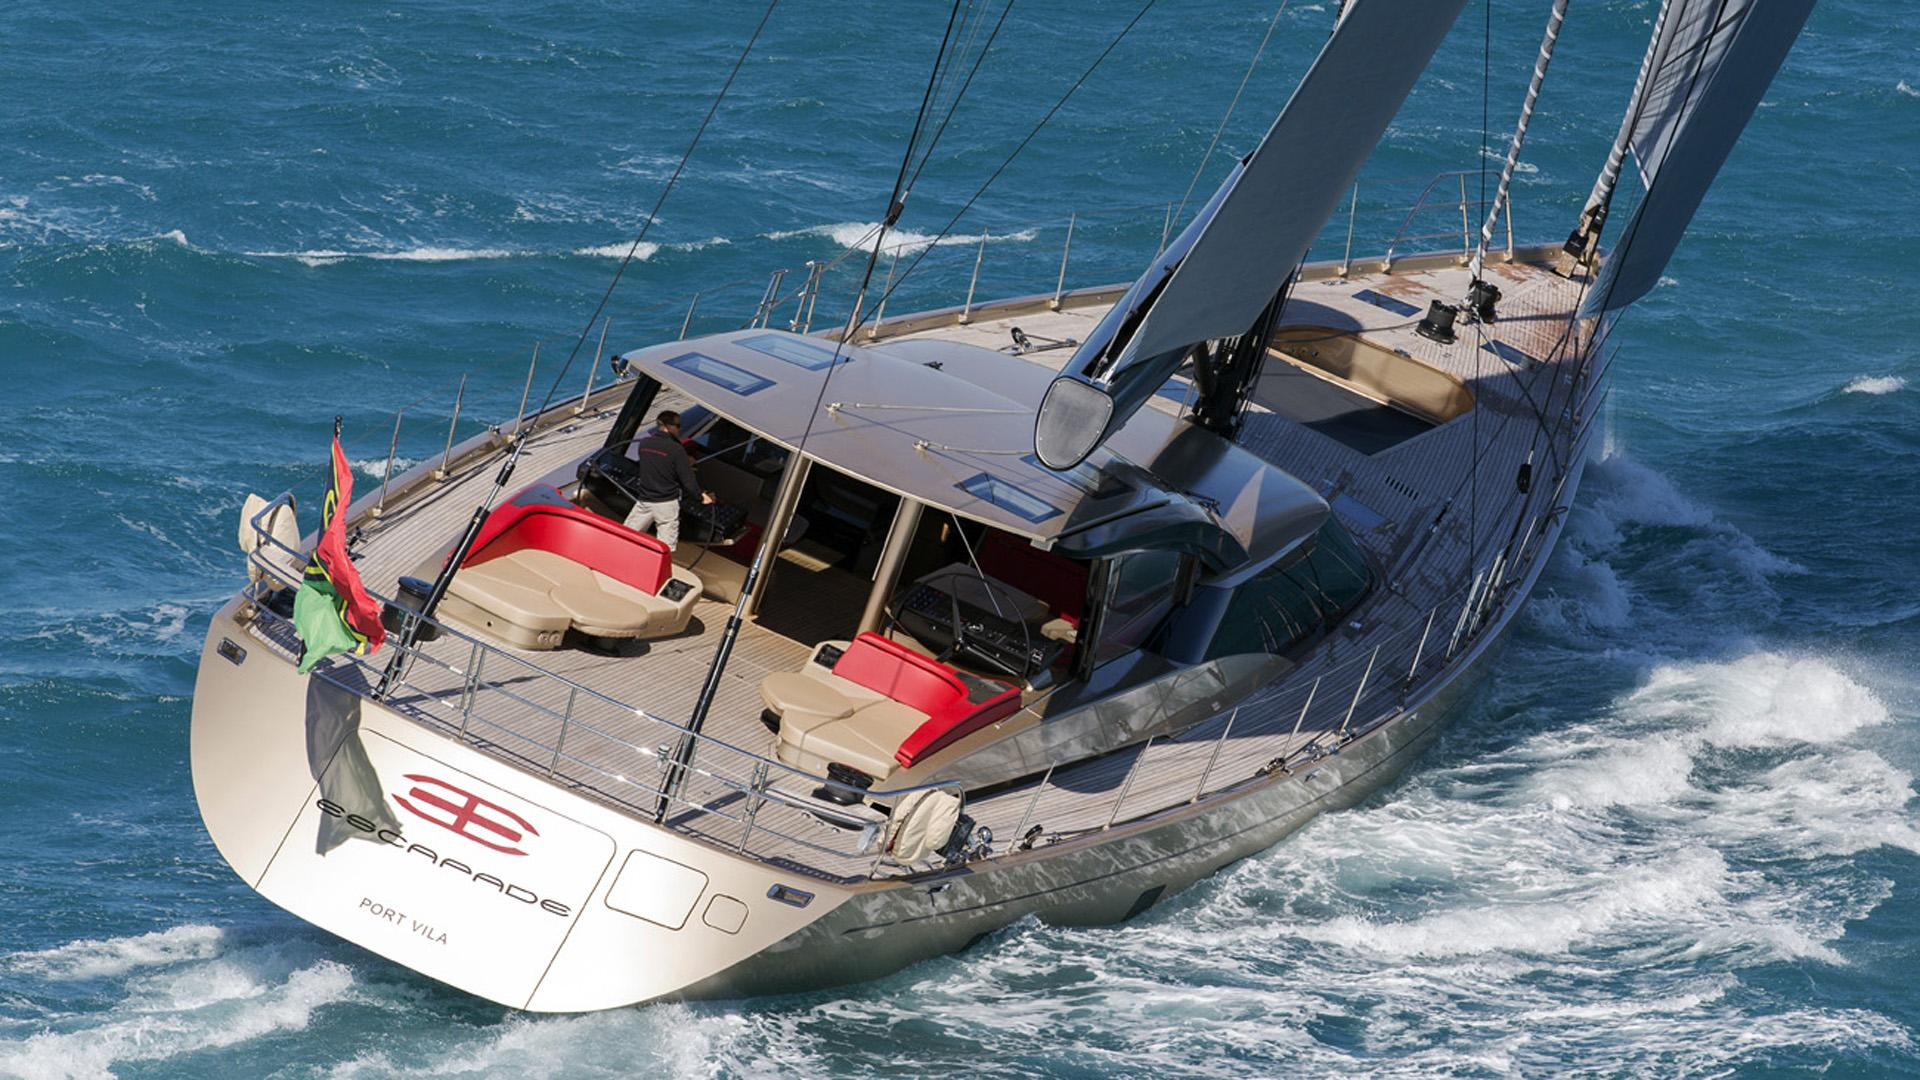 escapade sailing yacht fitzroy yachts 39m 2014 half stern